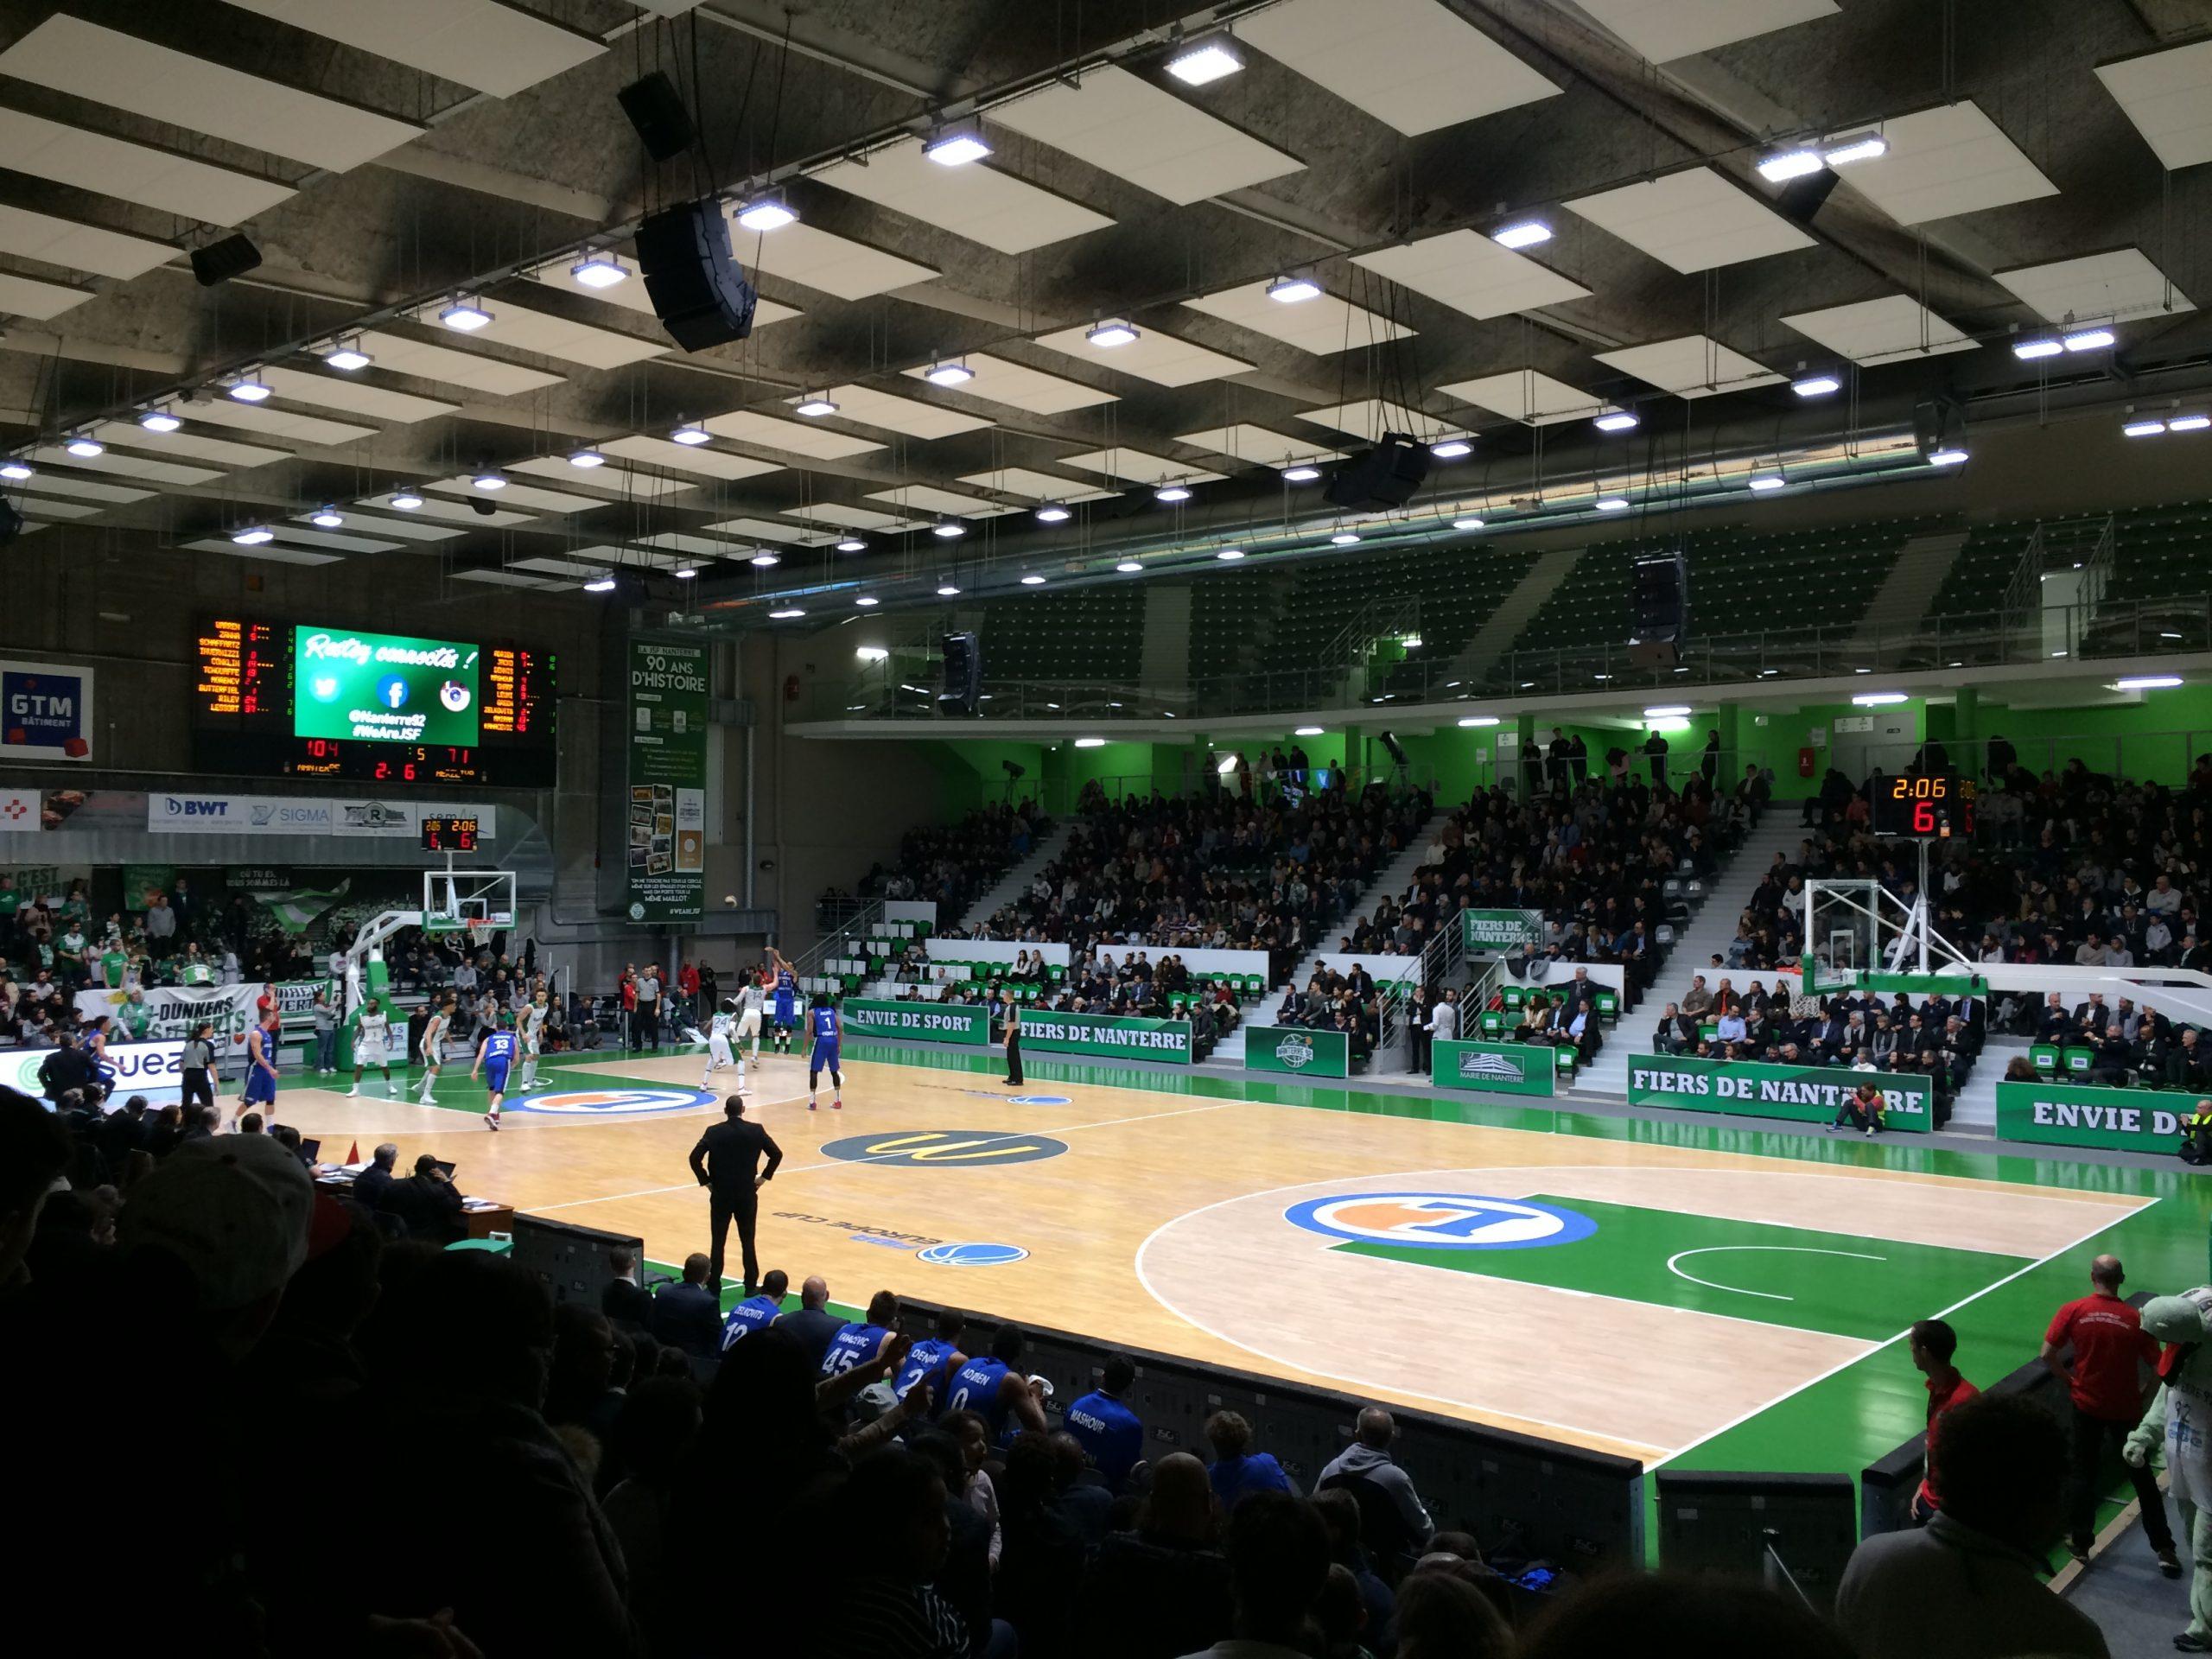 Sortie As Au Palais Des Sports De Nanterre - Collège Victor Hugo destiné Piscine Du Palais Des Sports À Nanterre Nanterre